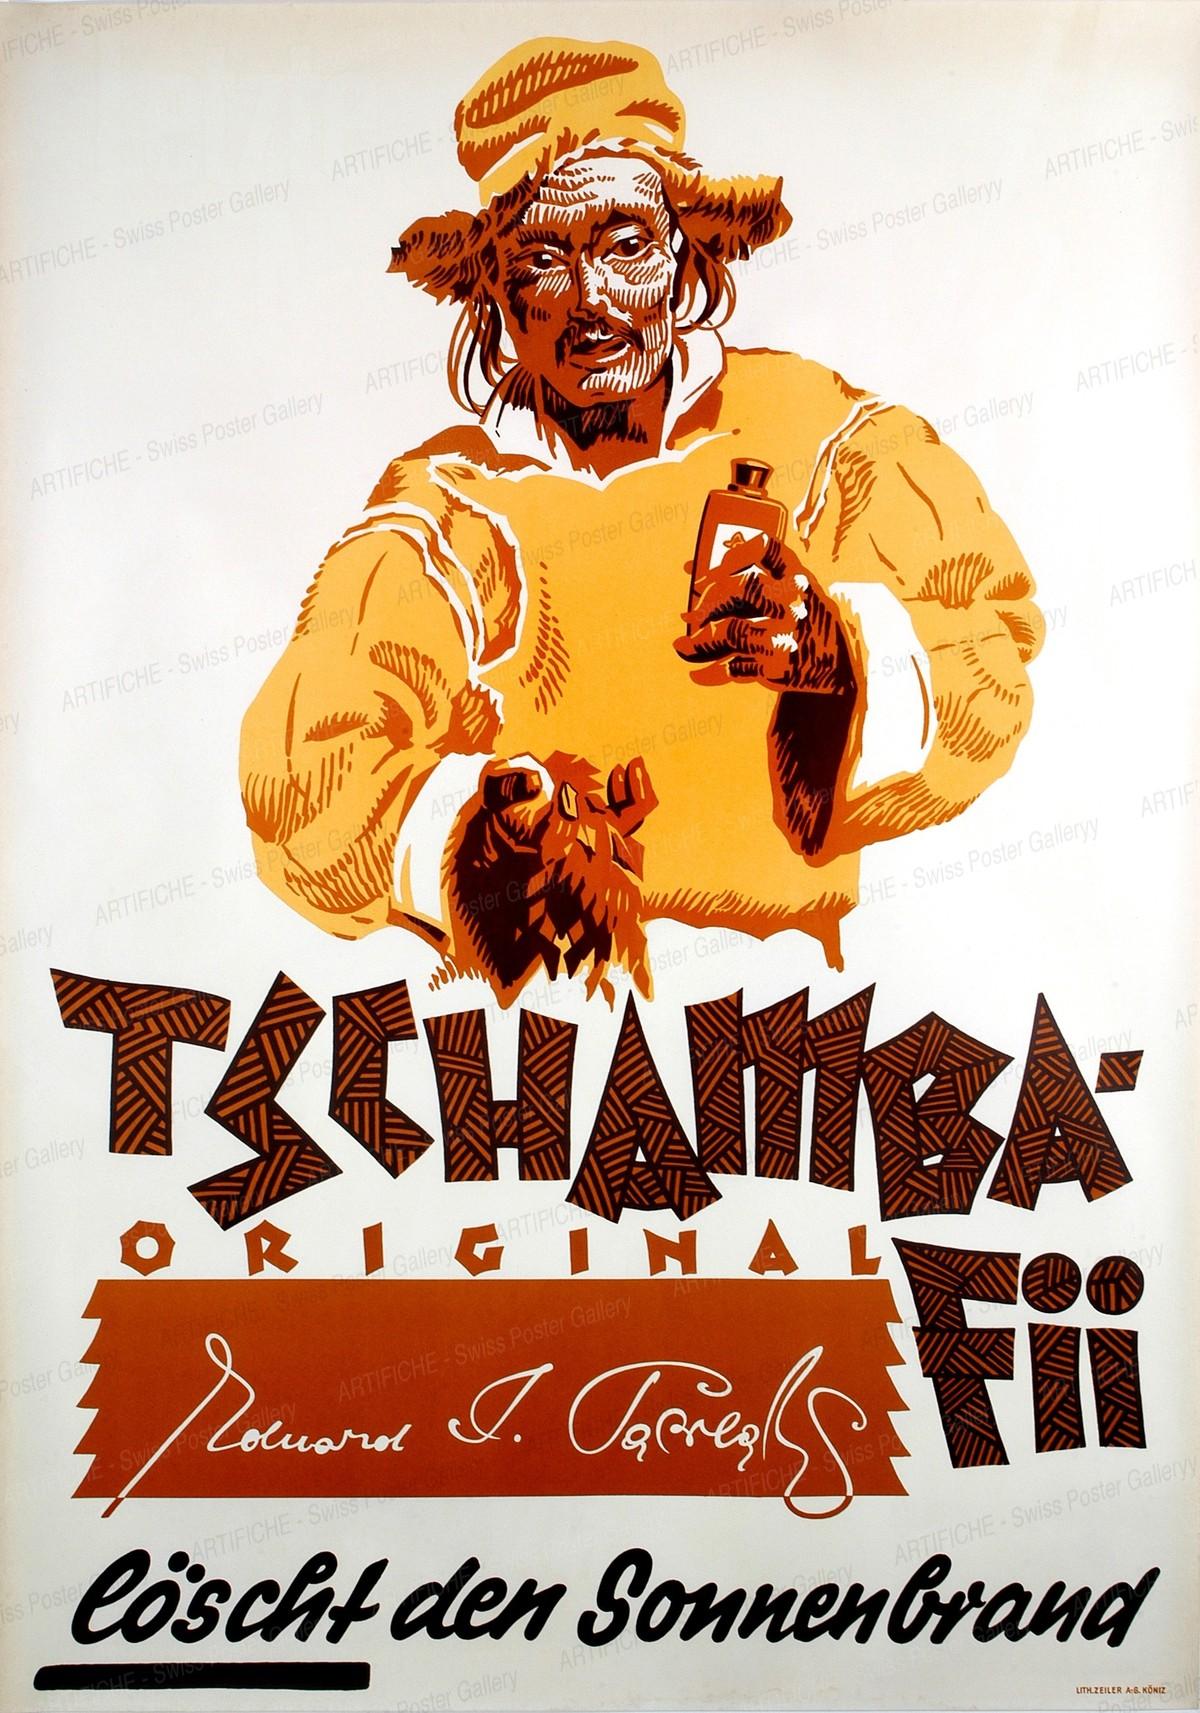 Tschamba-Fii löscht den Sonnenbrand, Artist unknown